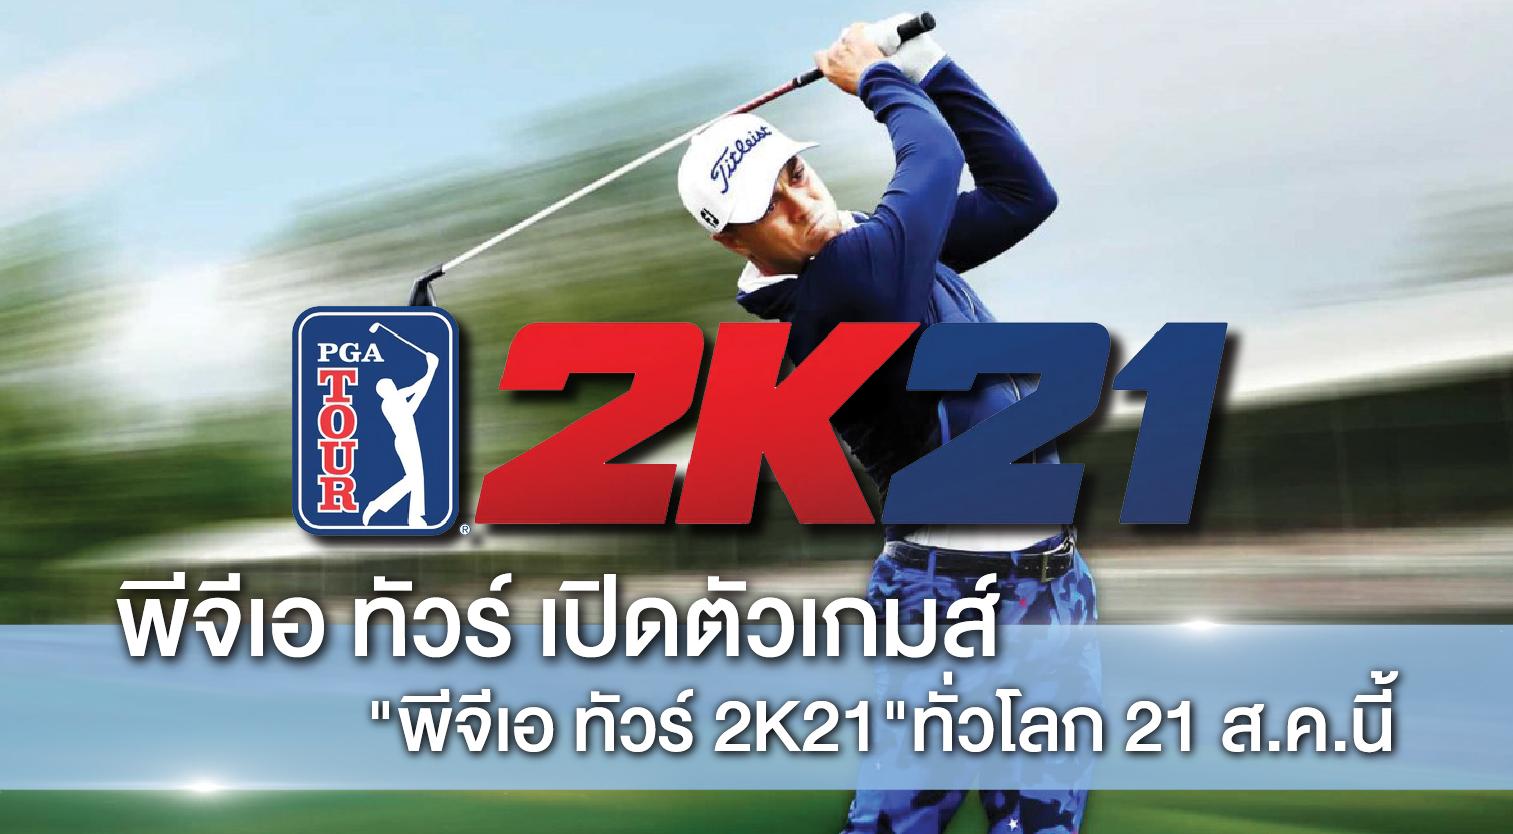 """พีจีเอ ทัวร์ เปิดตัวเกมส์ """"พีจีเอ ทัวร์ 2K21″ทั่วโลก 21 ส.ค.นี้"""